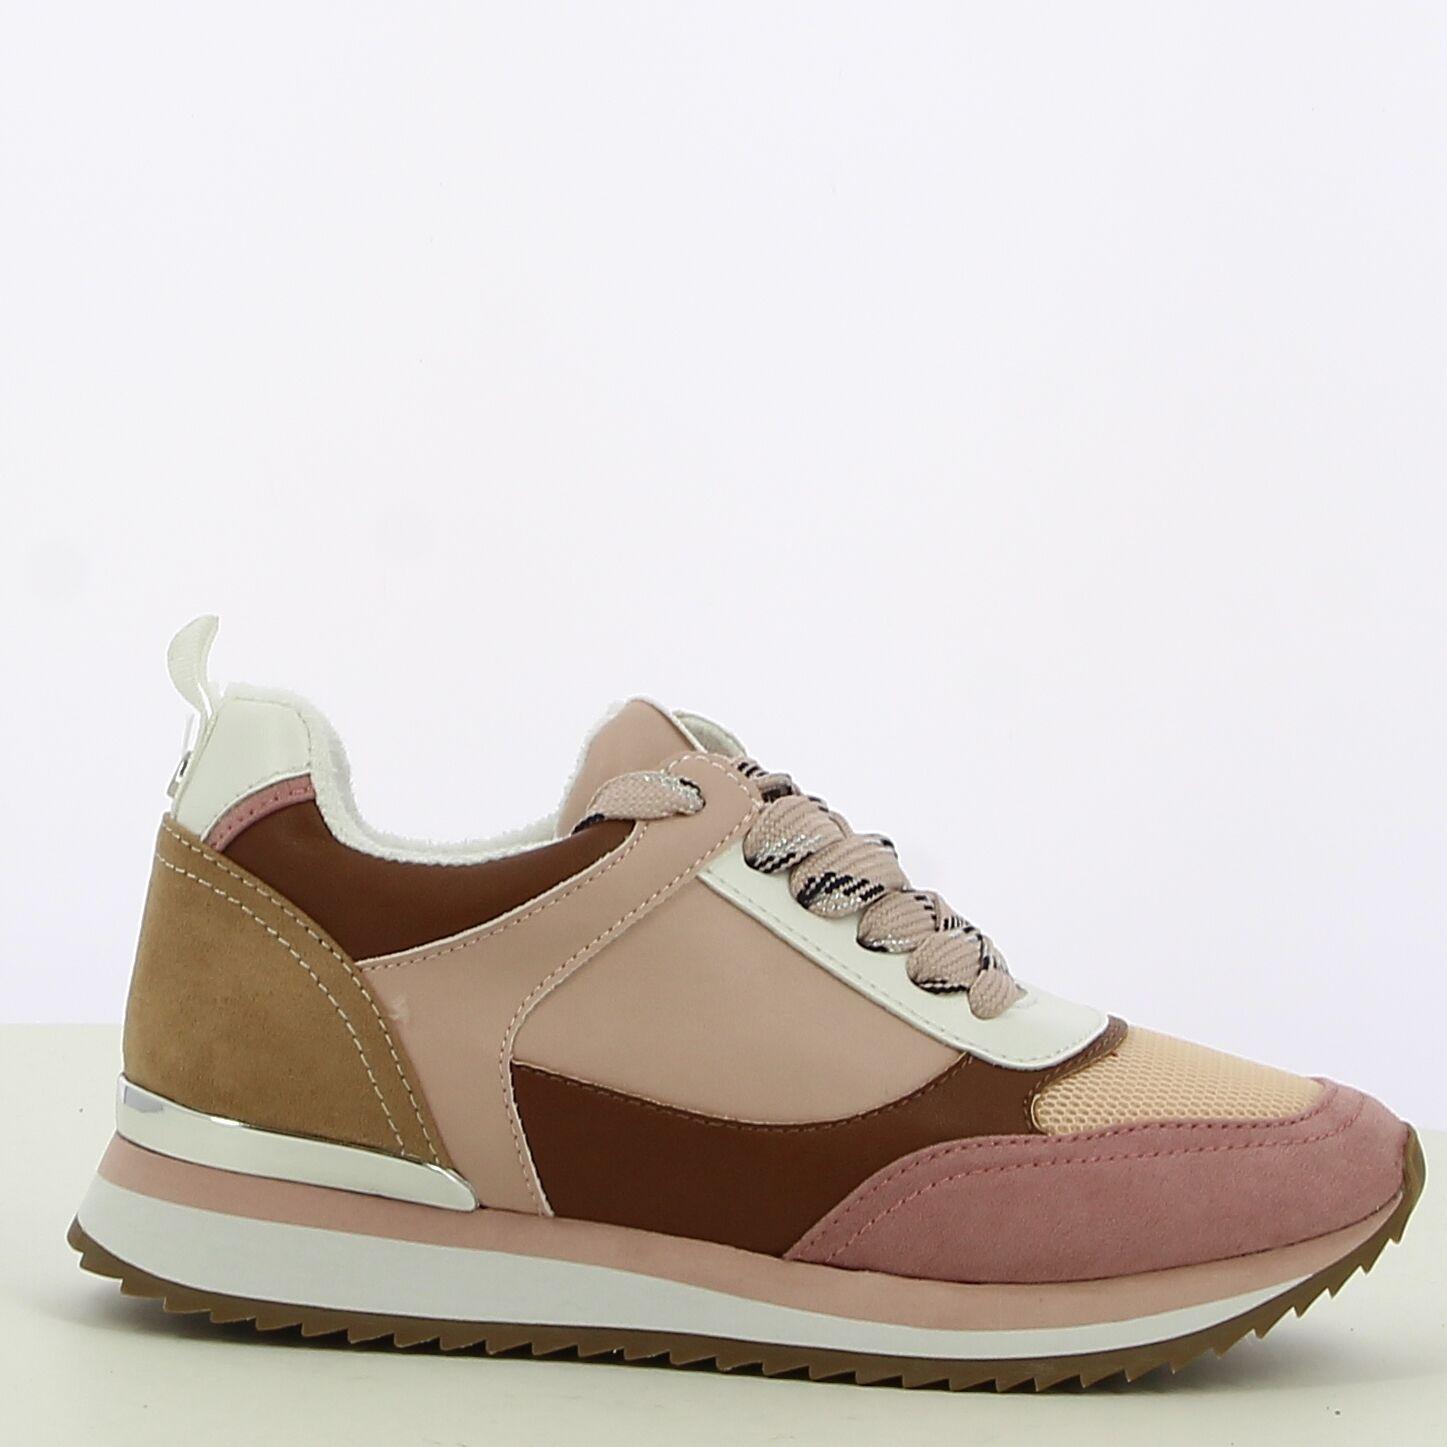 Ken Shoe Fashion - Oud Roze/Multi - Sneakers